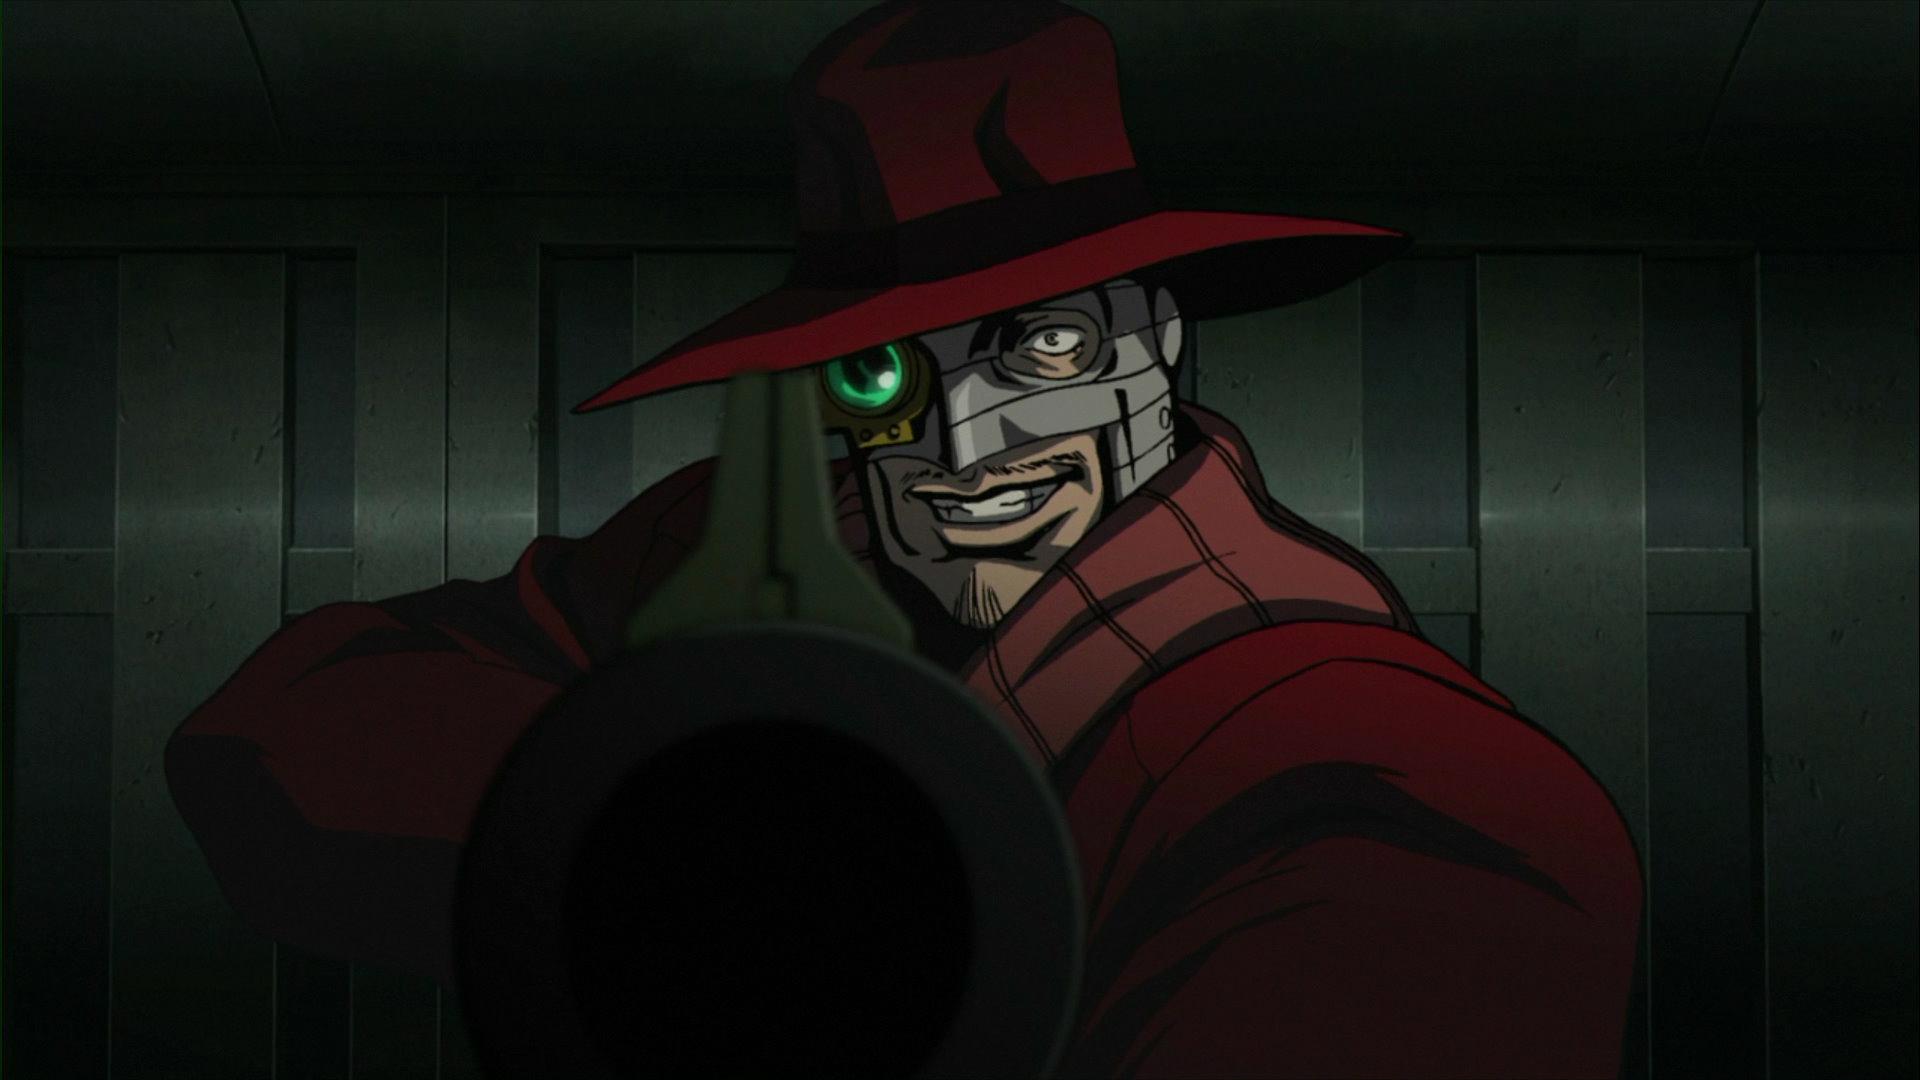 Deadshot (Gotham Knight)